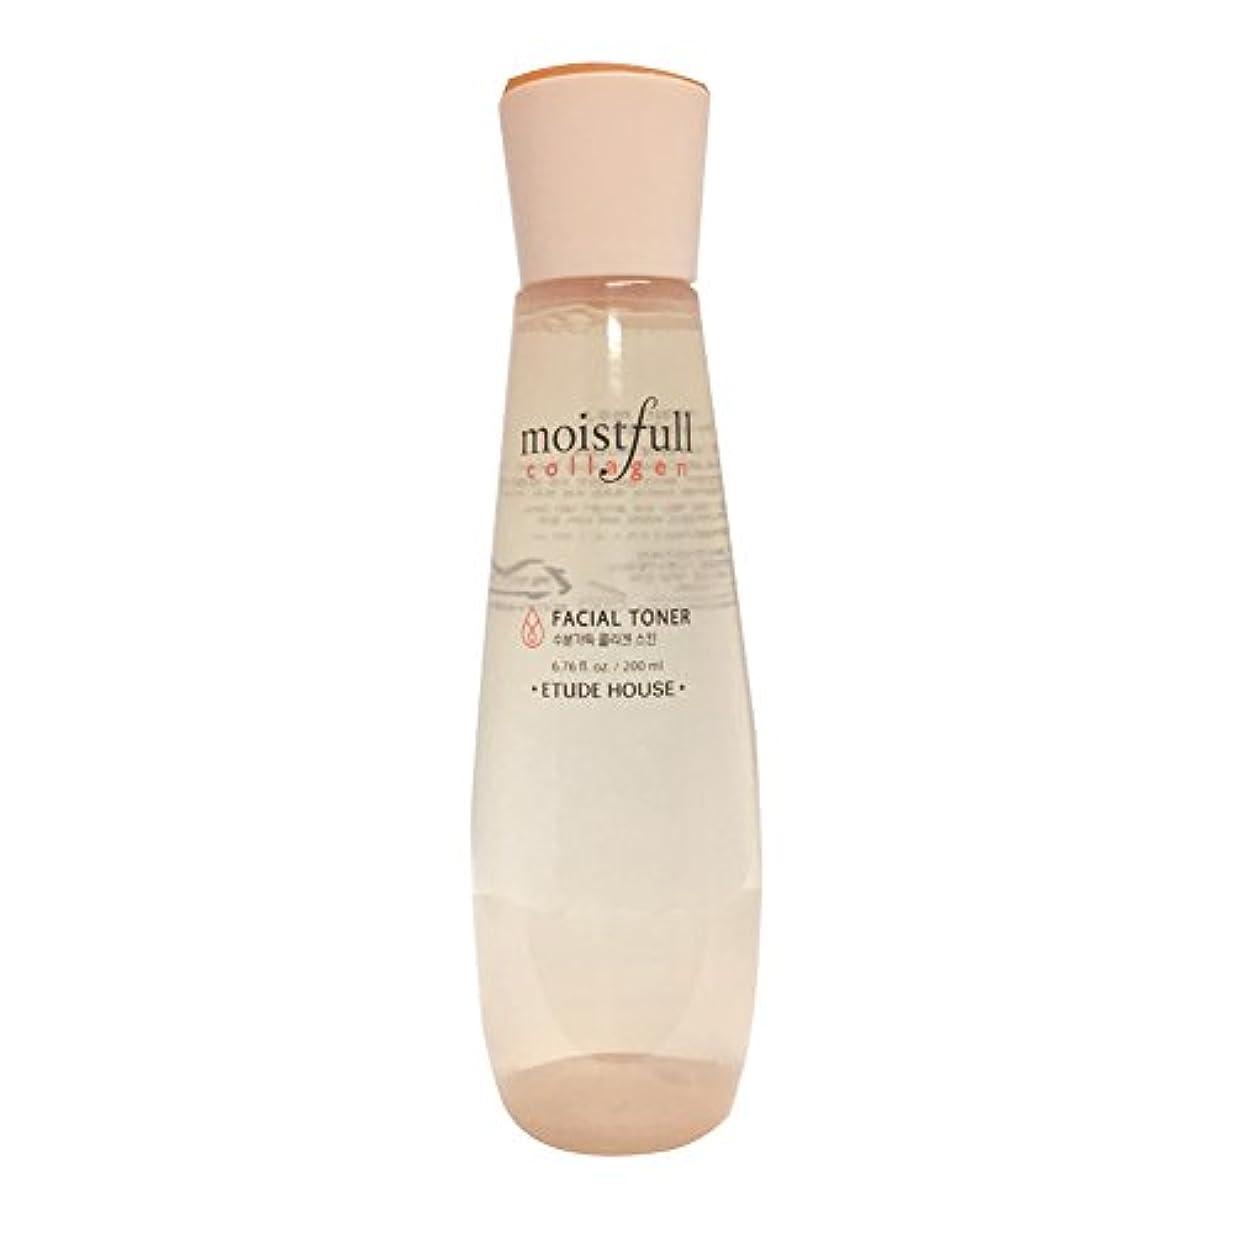 不調和無心柔和エチュードハウス (ETUDE HOUSE) モイストフル コラーゲン スキン (moistfull collagen FACIAL TONER) [化粧水 200ml] [並行輸入品]